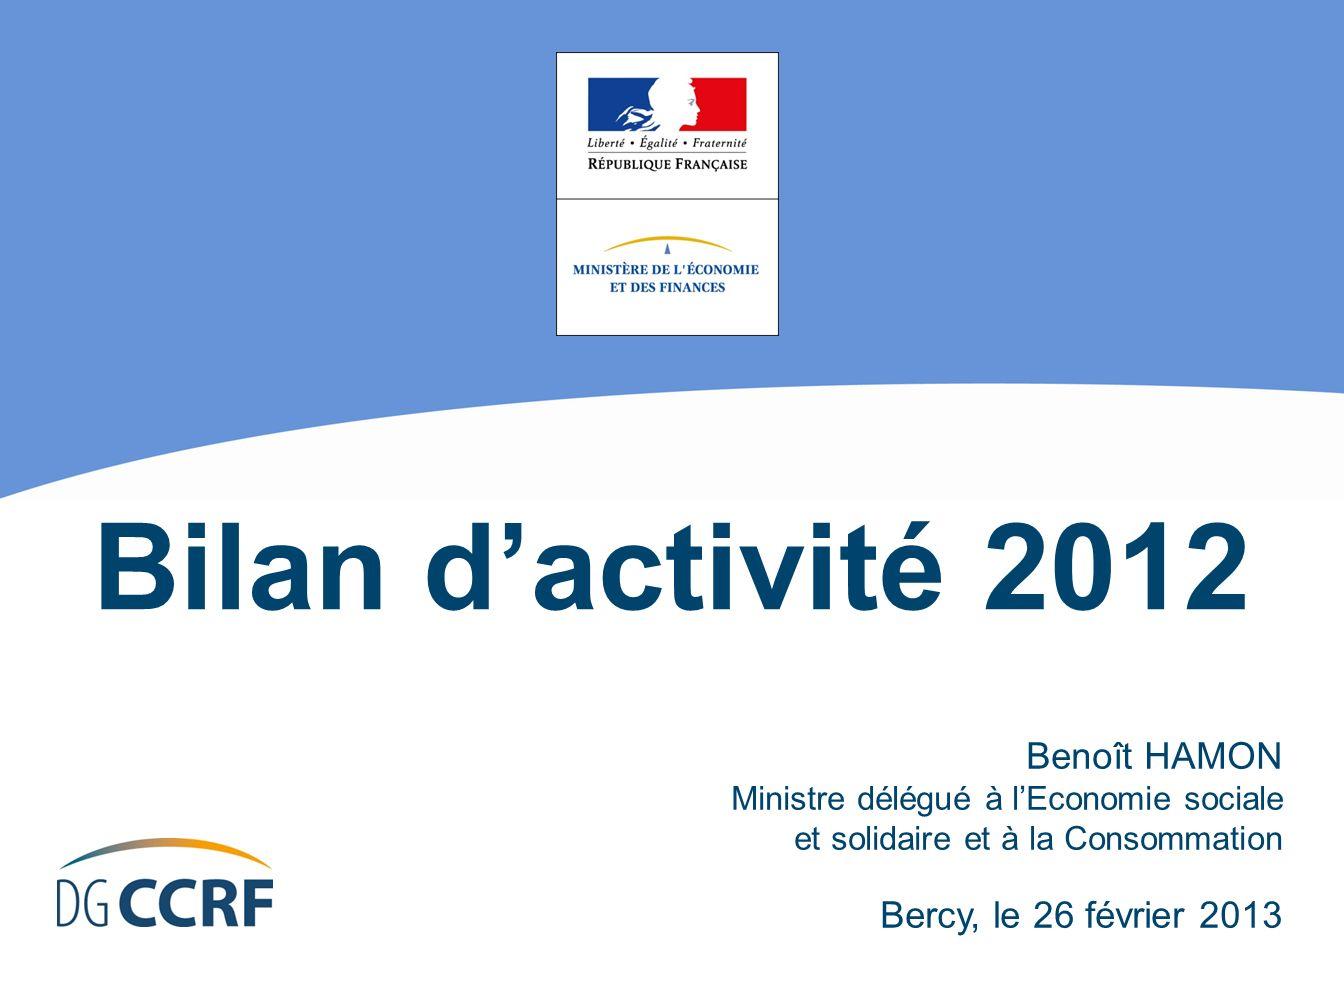 Bilan dactivité 2012 Benoît HAMON Ministre délégué à lEconomie sociale et solidaire et à la Consommation Bercy, le 26 février 2013